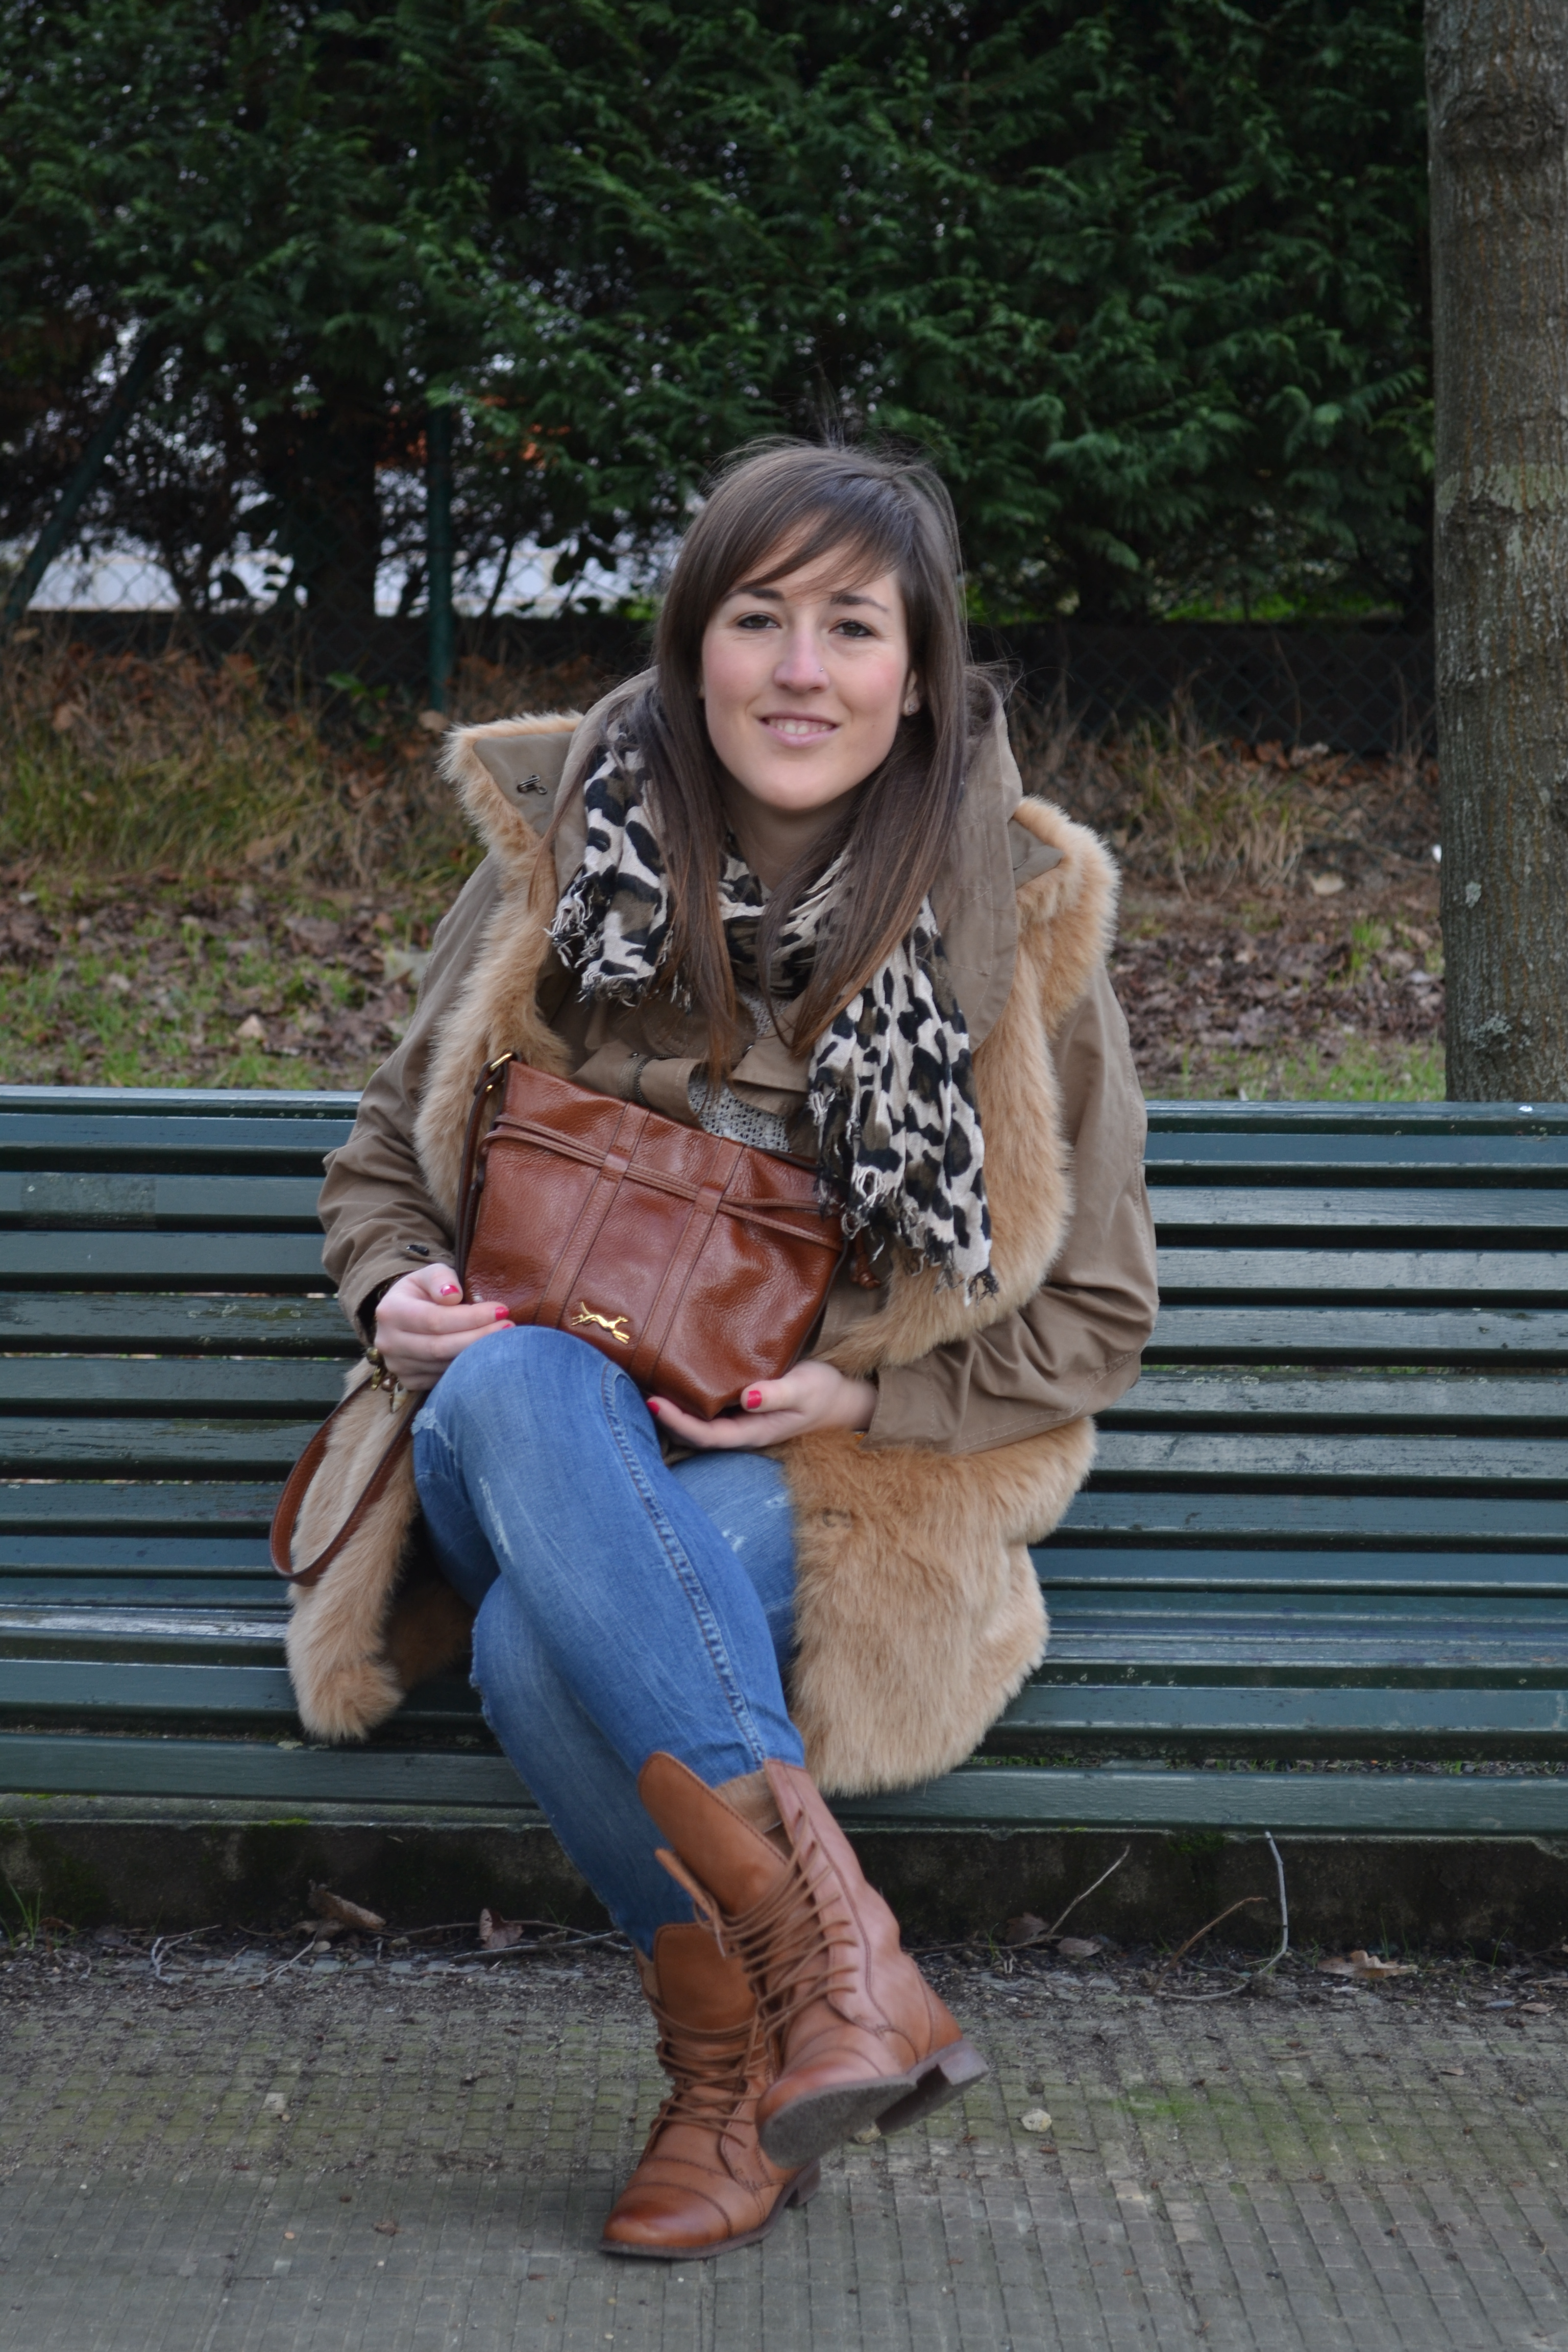 Looks diarios de bloggers y demás chicas que cuelgan en internet. - Página 4 Dsc0169ze